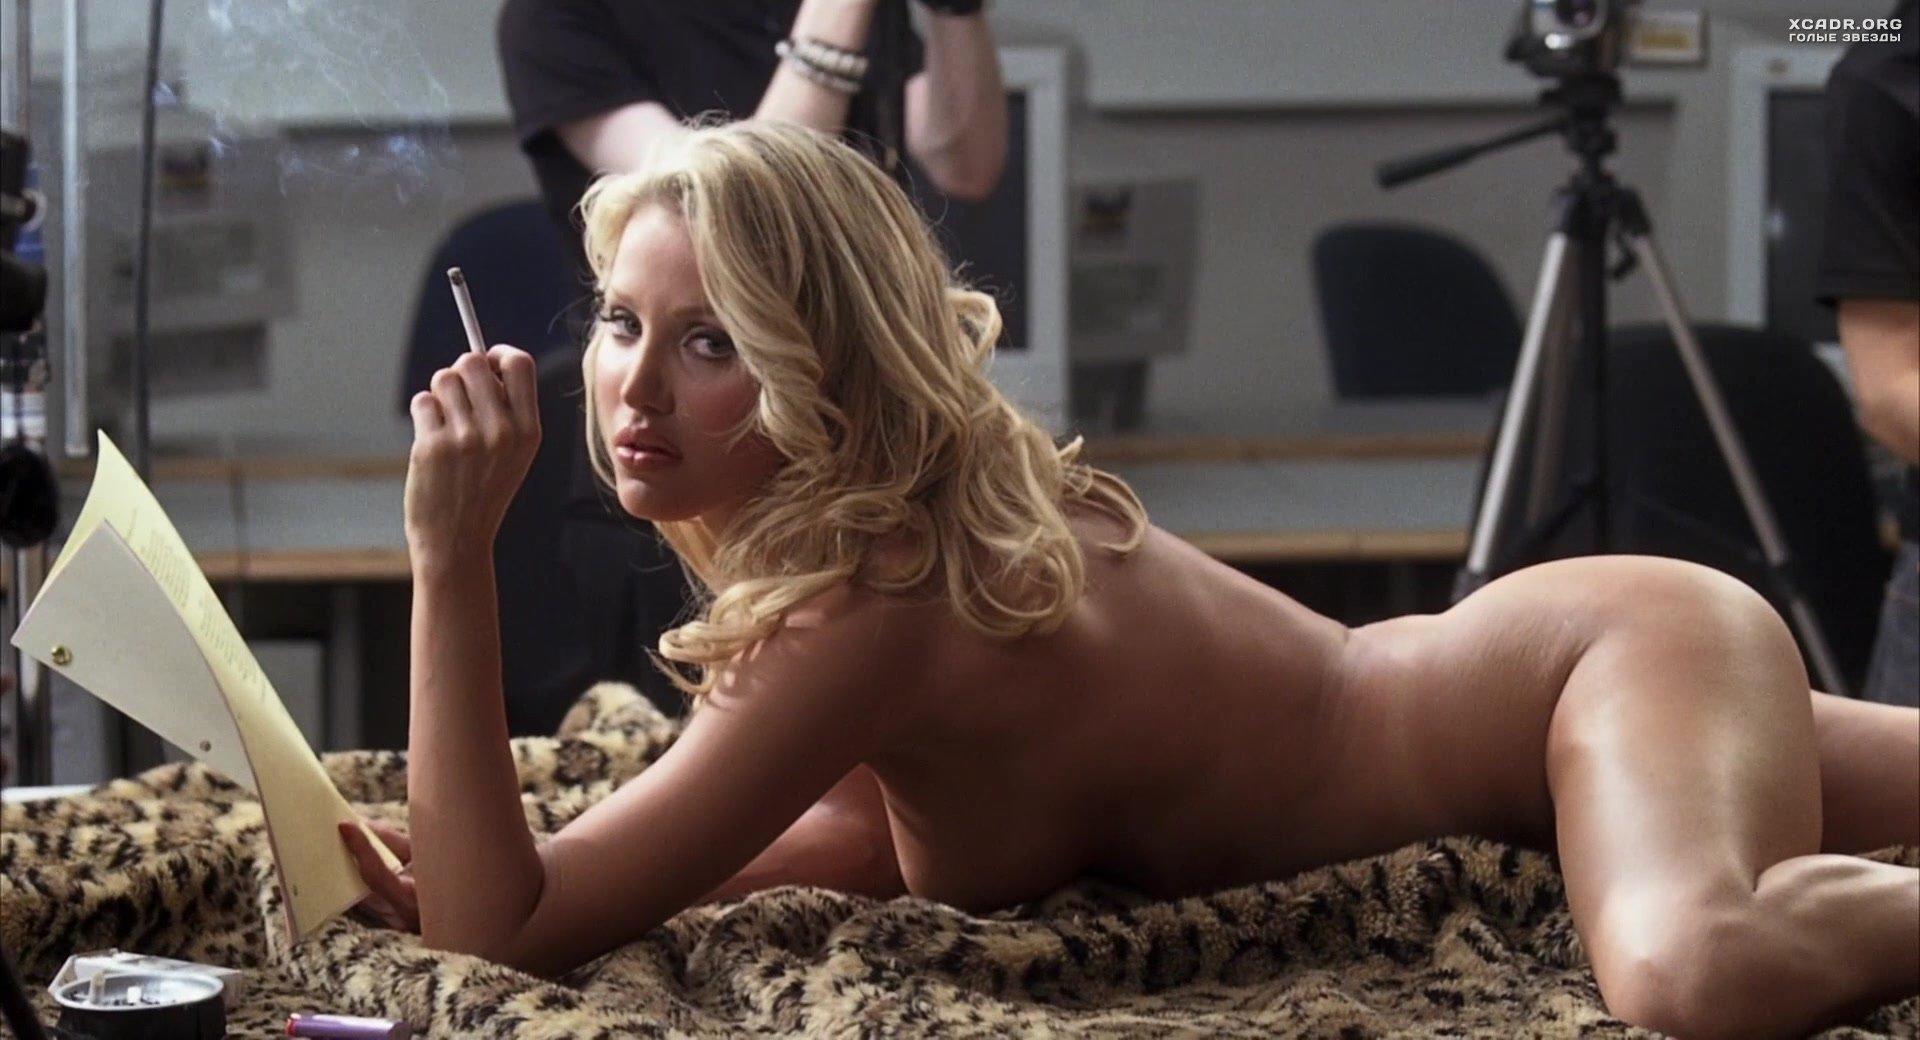 Фото шлюх порно отрывок из фильма соседка